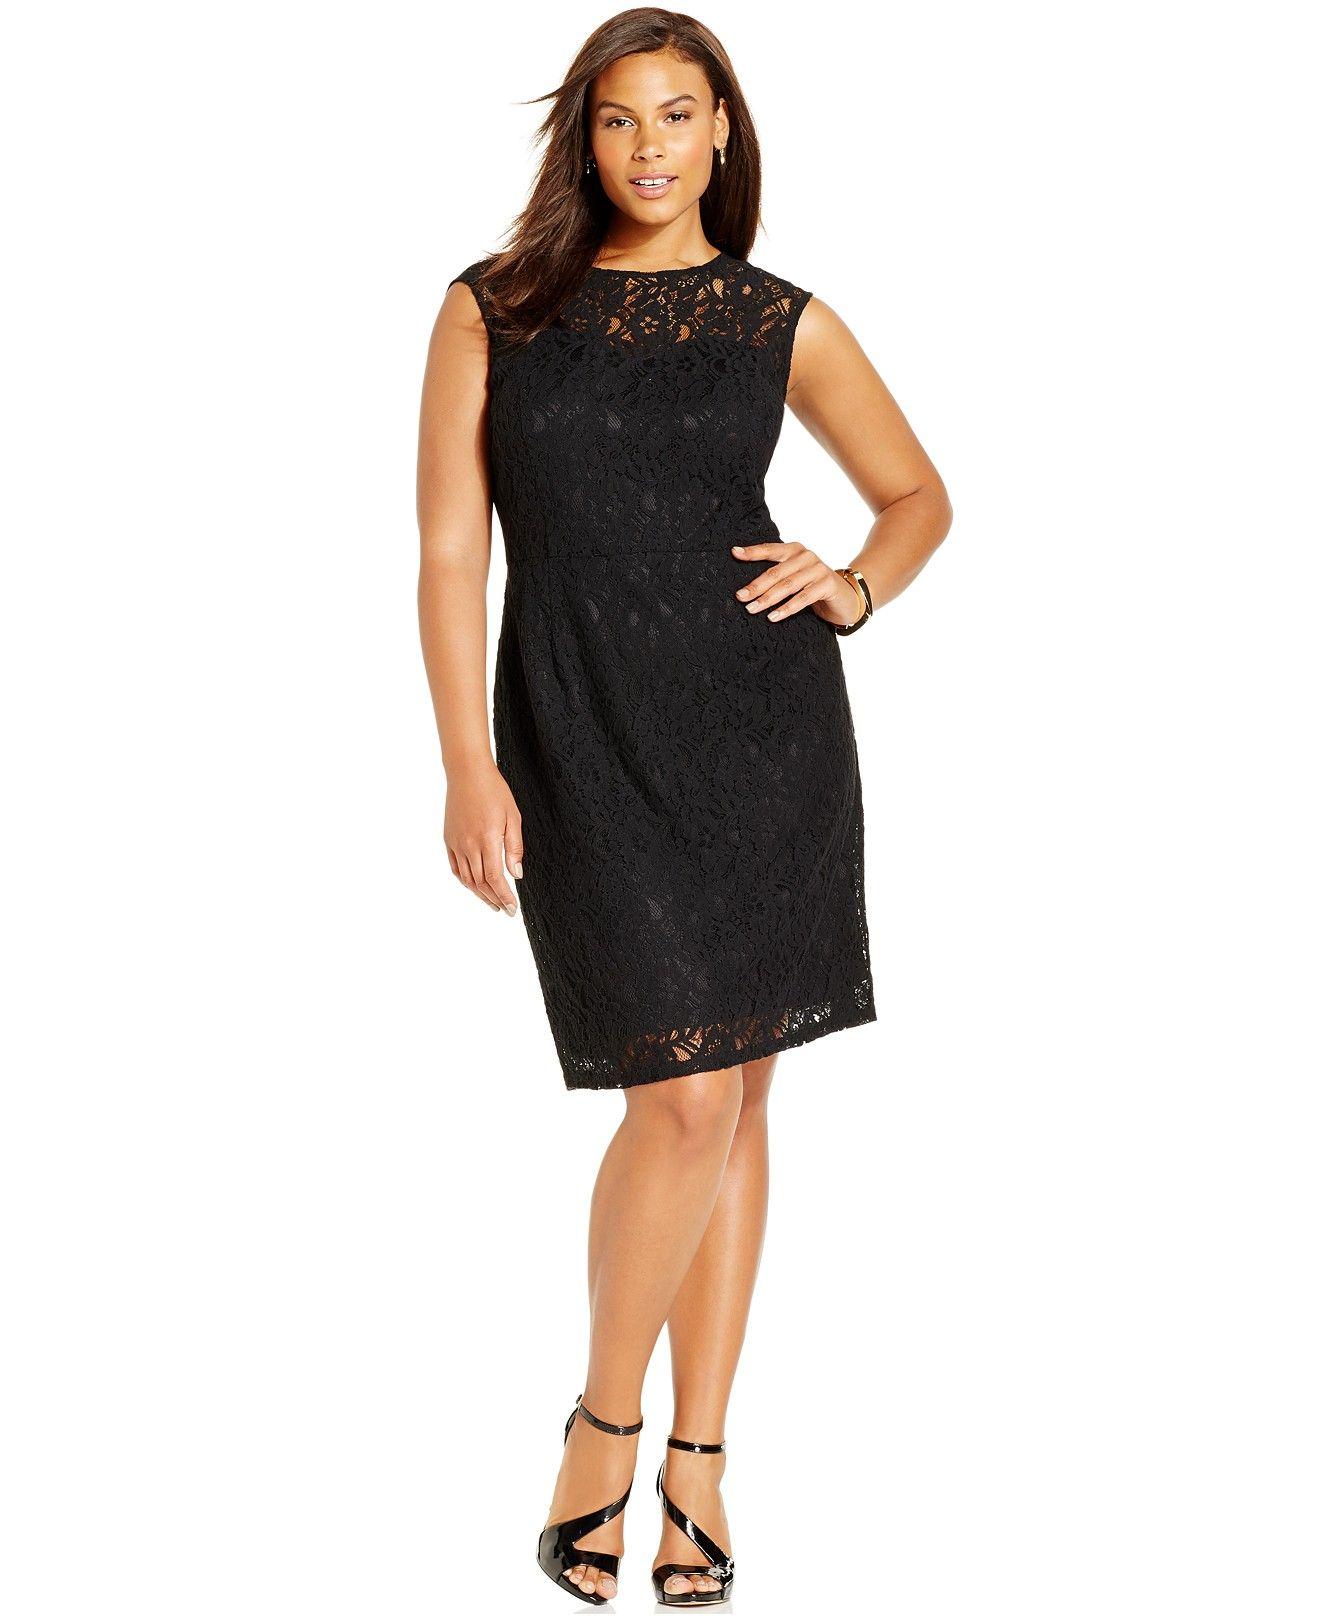 d3ca09dd455 Spense Plus Size Illusion Lace Dress - Dresses - Plus Sizes - Macy s ...